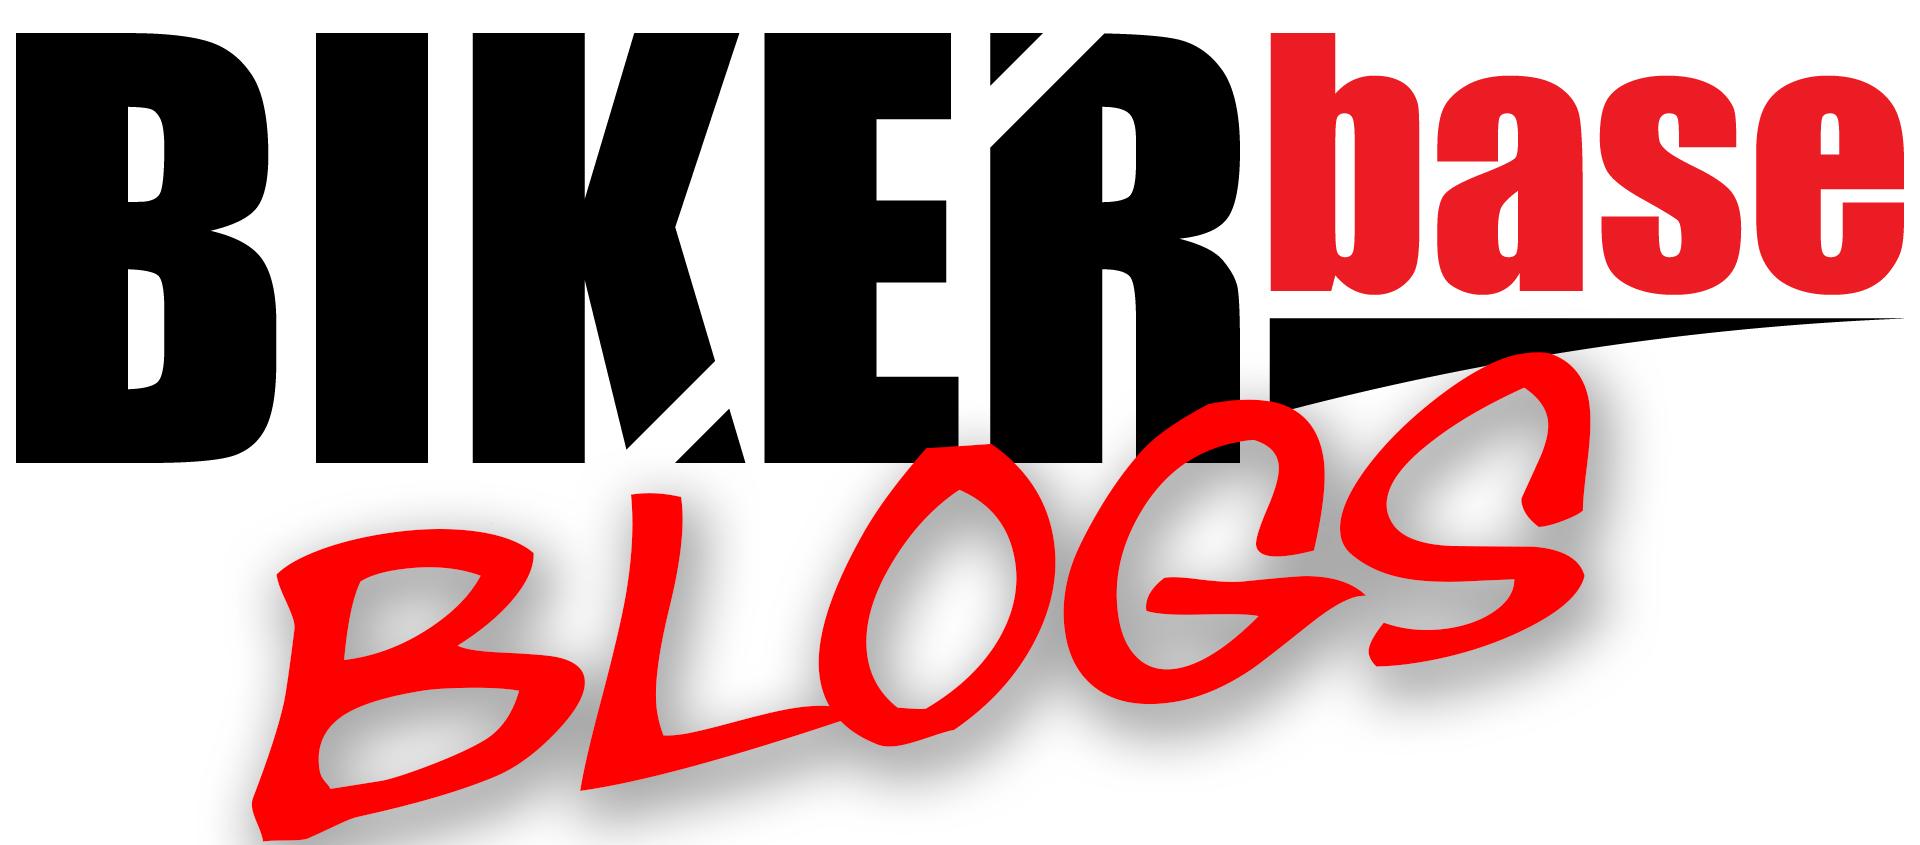 Bikerbase Blogs